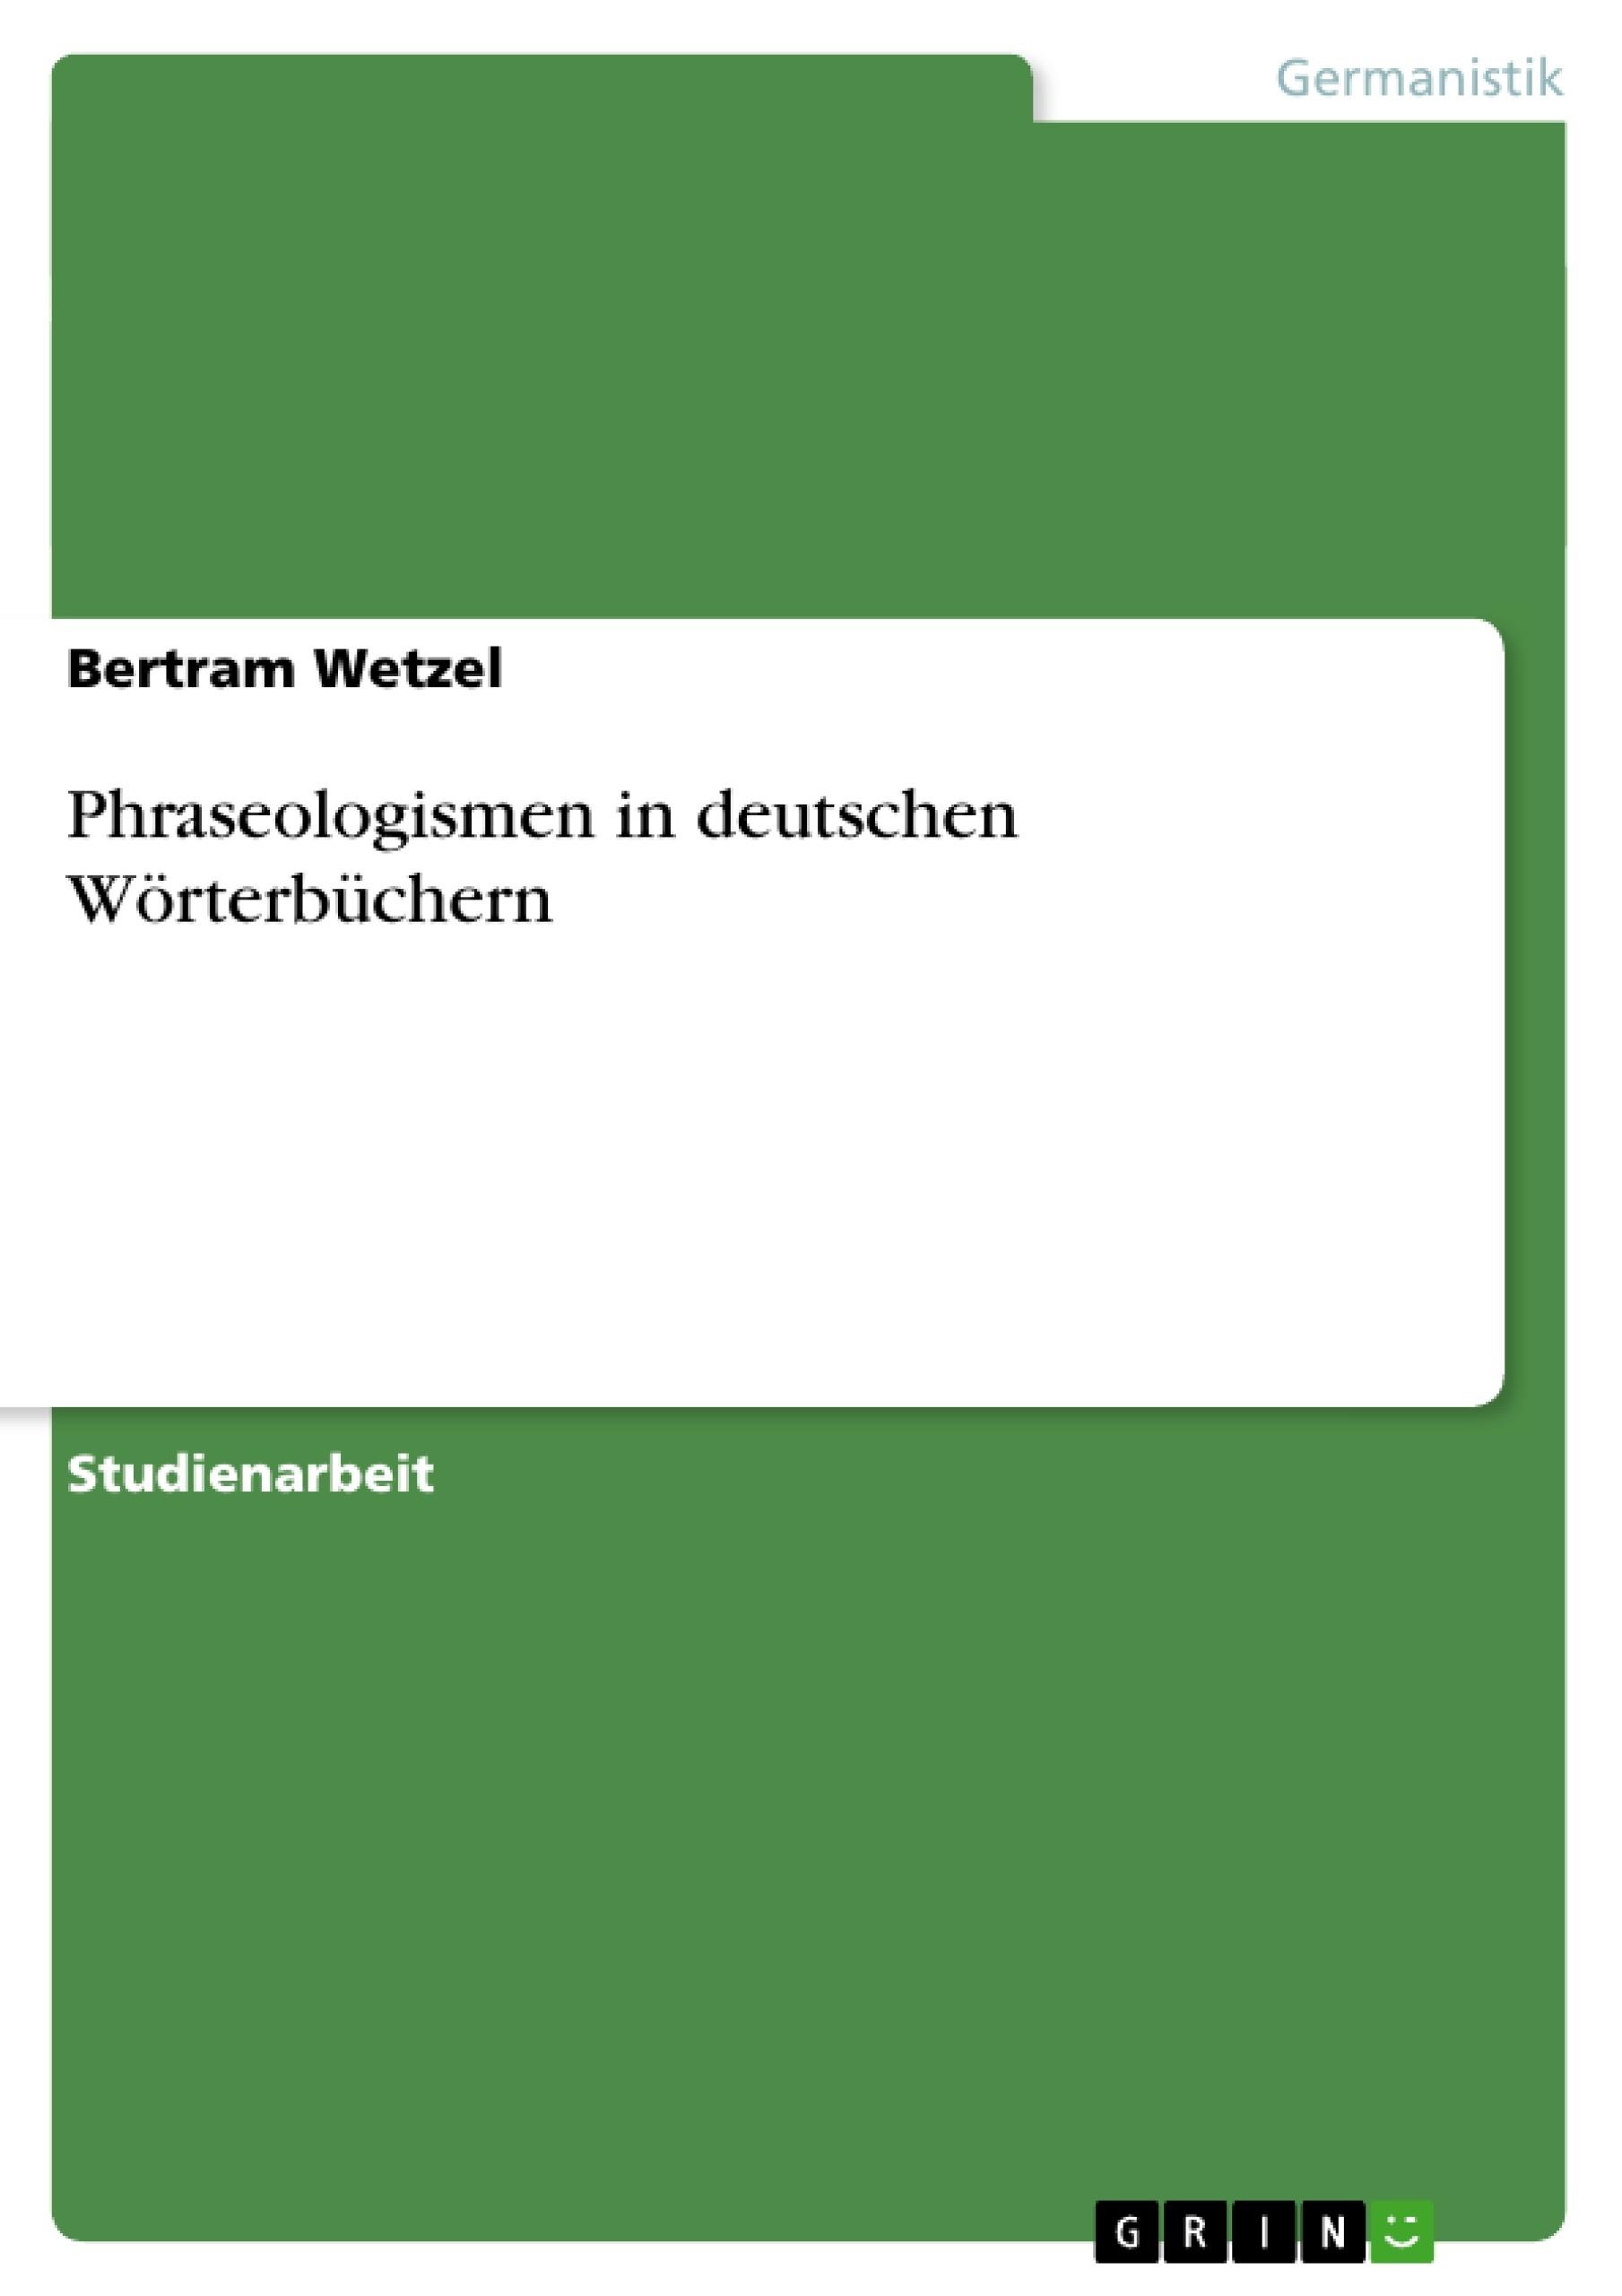 Titel: Phraseologismen in deutschen Wörterbüchern